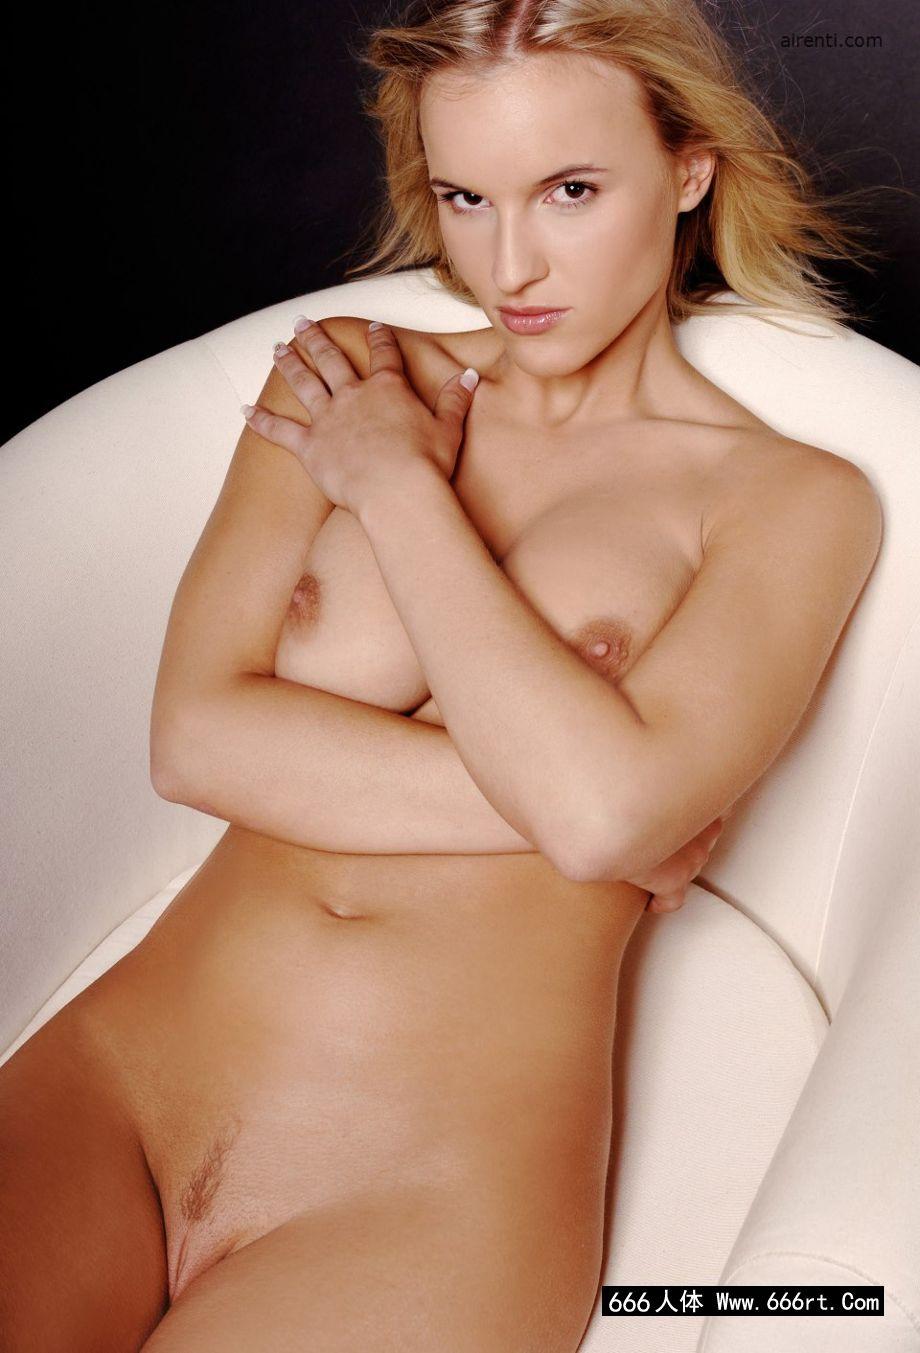 欧美男人眼中的女神波莉浴缸中摄影